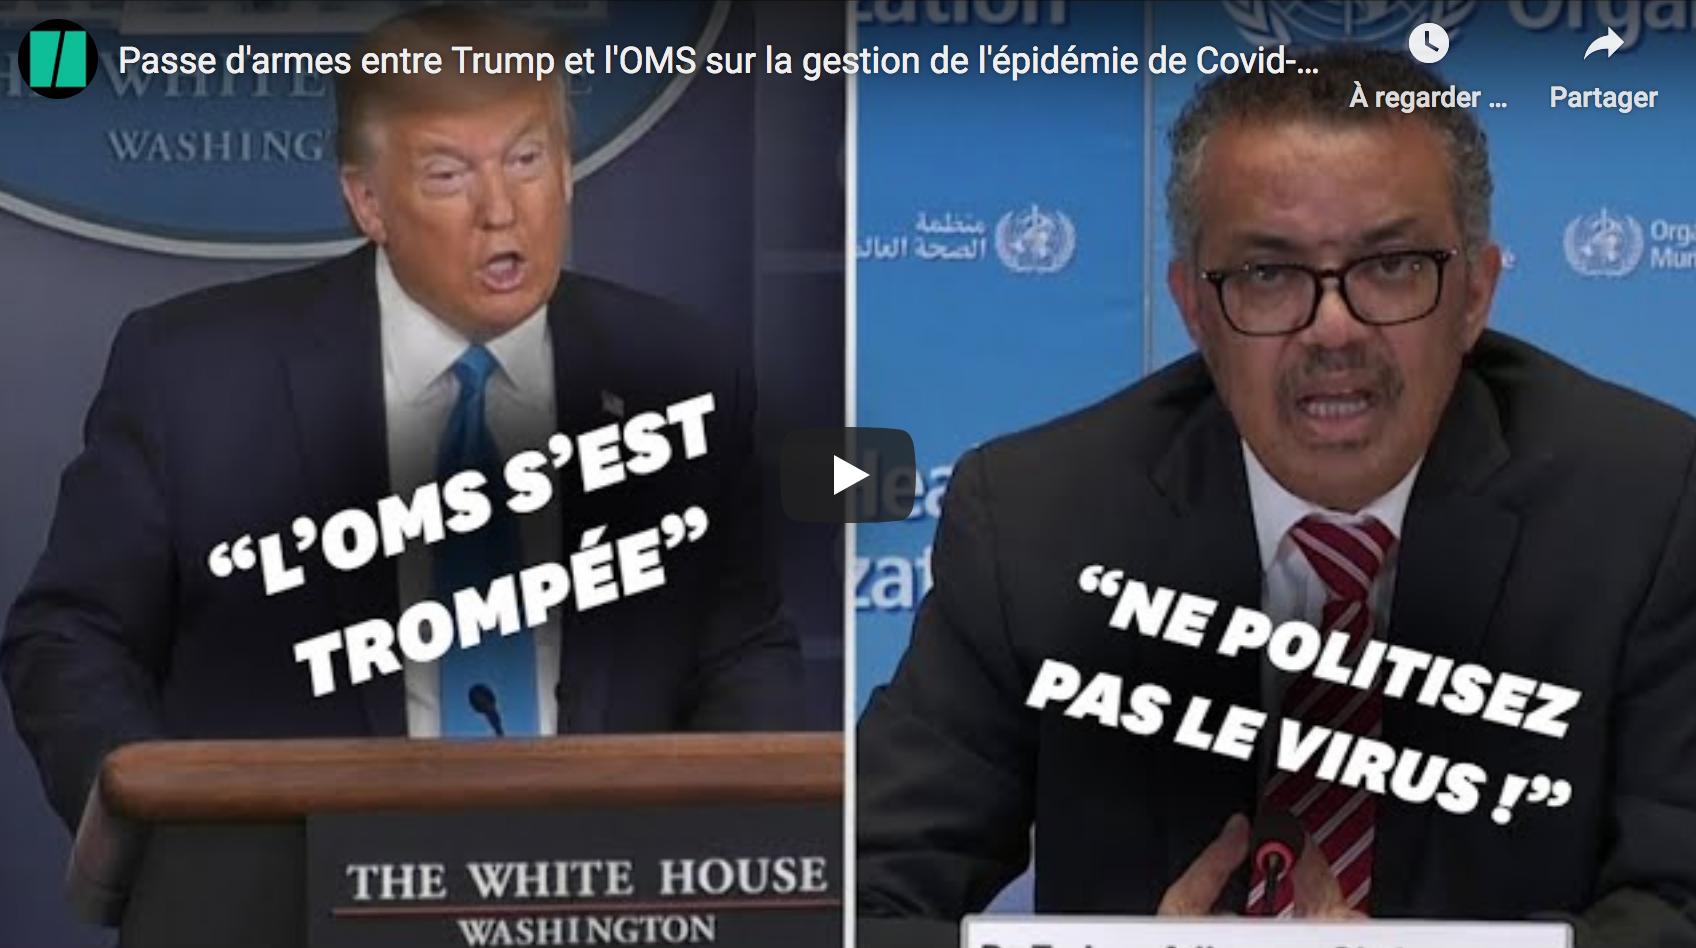 Passe d'armes entre Donald Trump et l'OMS sur la gestion de l'épidémie de Covid-19